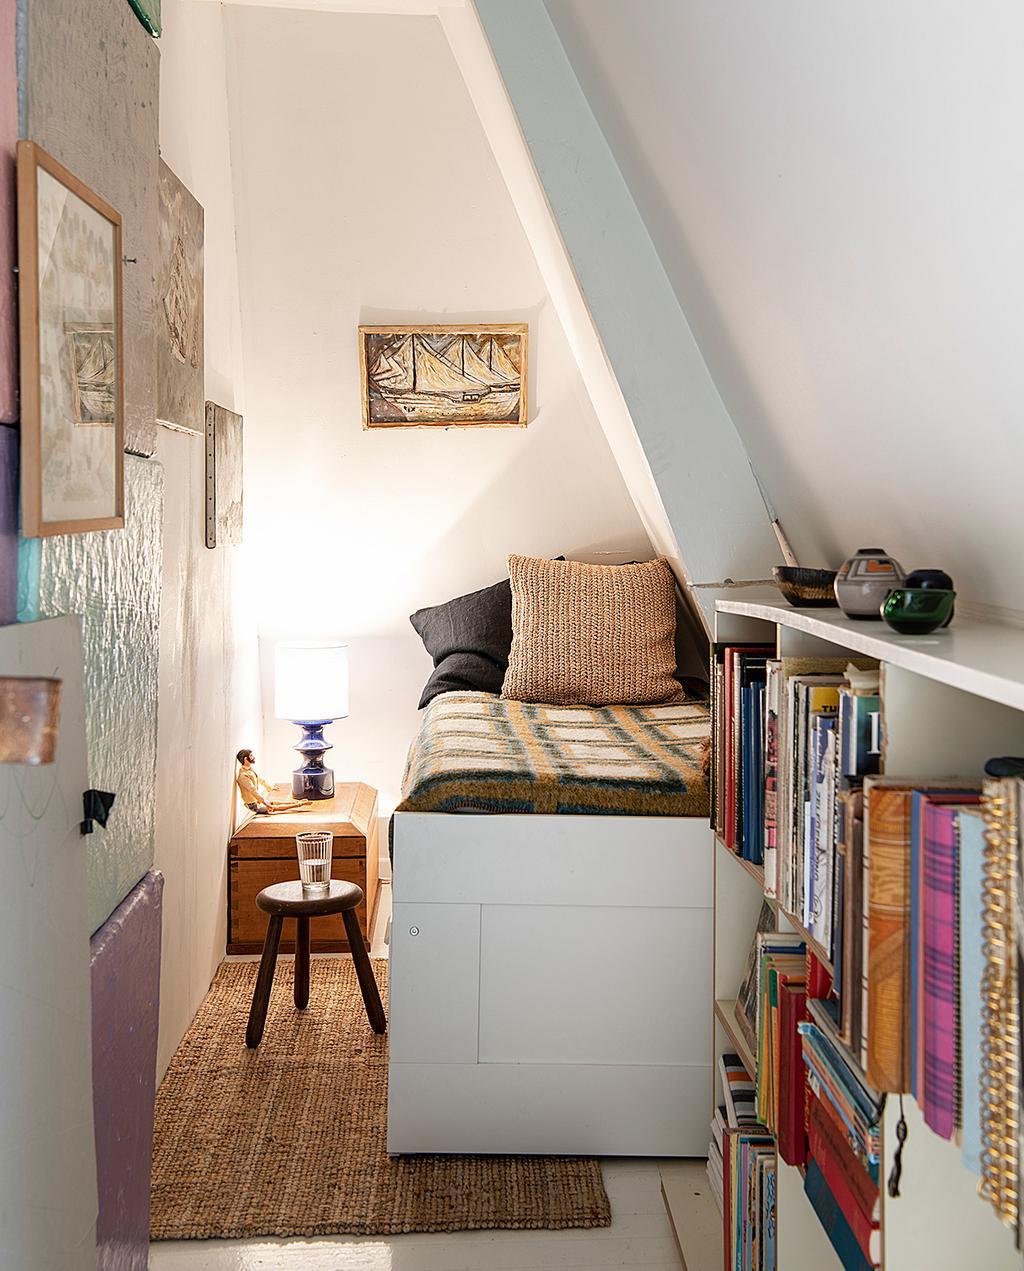 vtwonen 2020 DIY special 02 | kleurrijke slaapkamer met eenpersoonsbed I binnenkijken klushuis